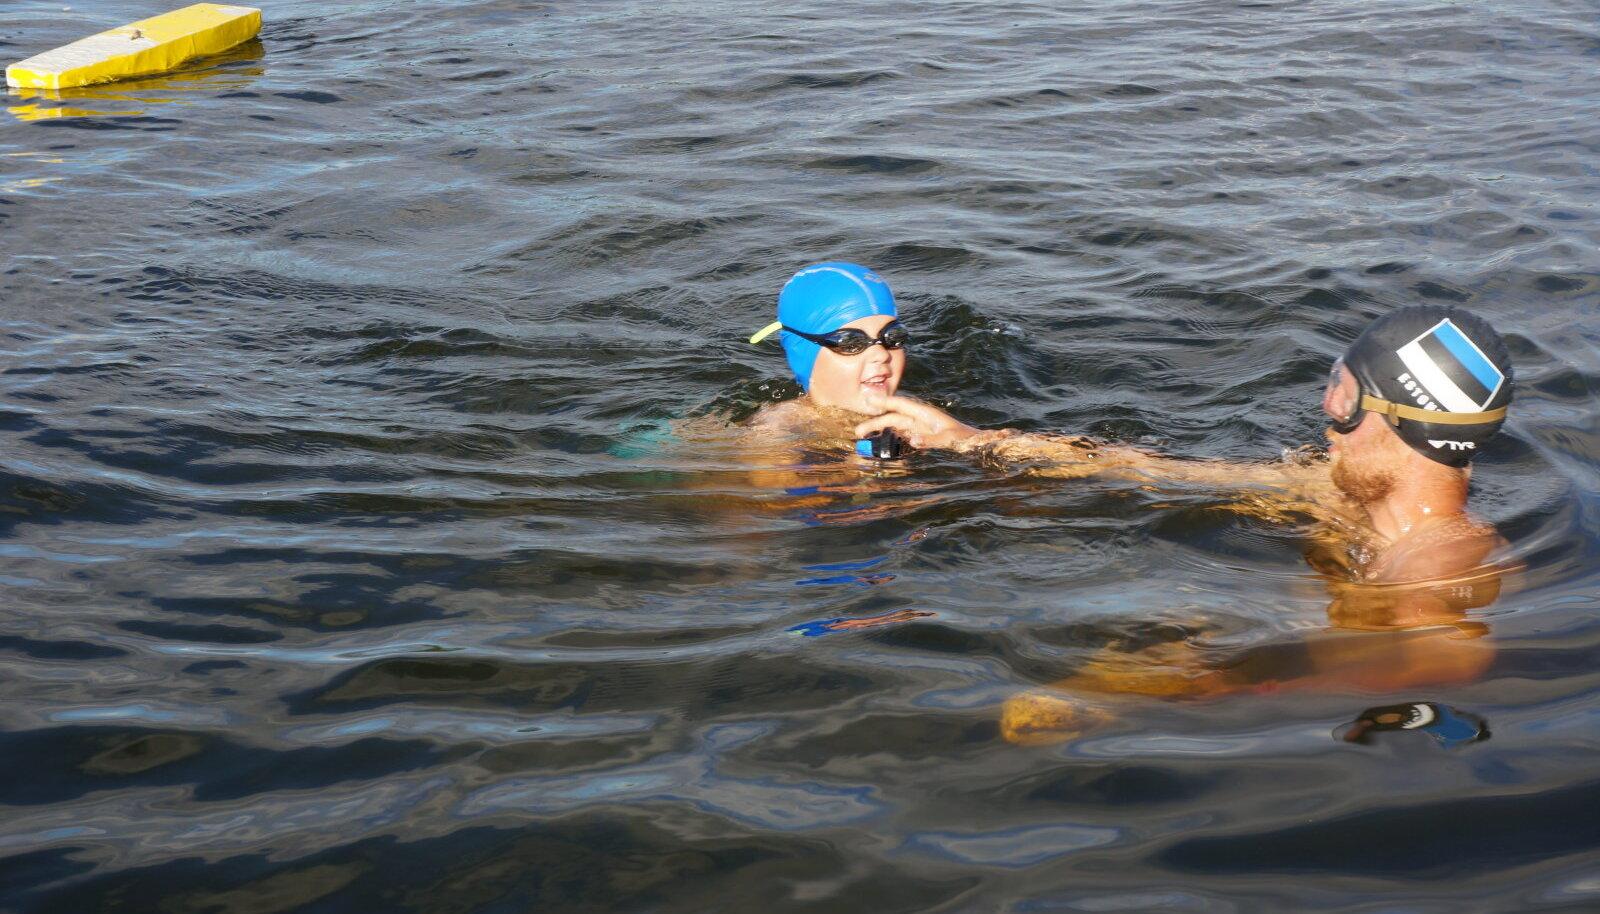 Tallinna Ülikooli õppejõud Vladimir Kunitsõn sukeldumist õpetamas